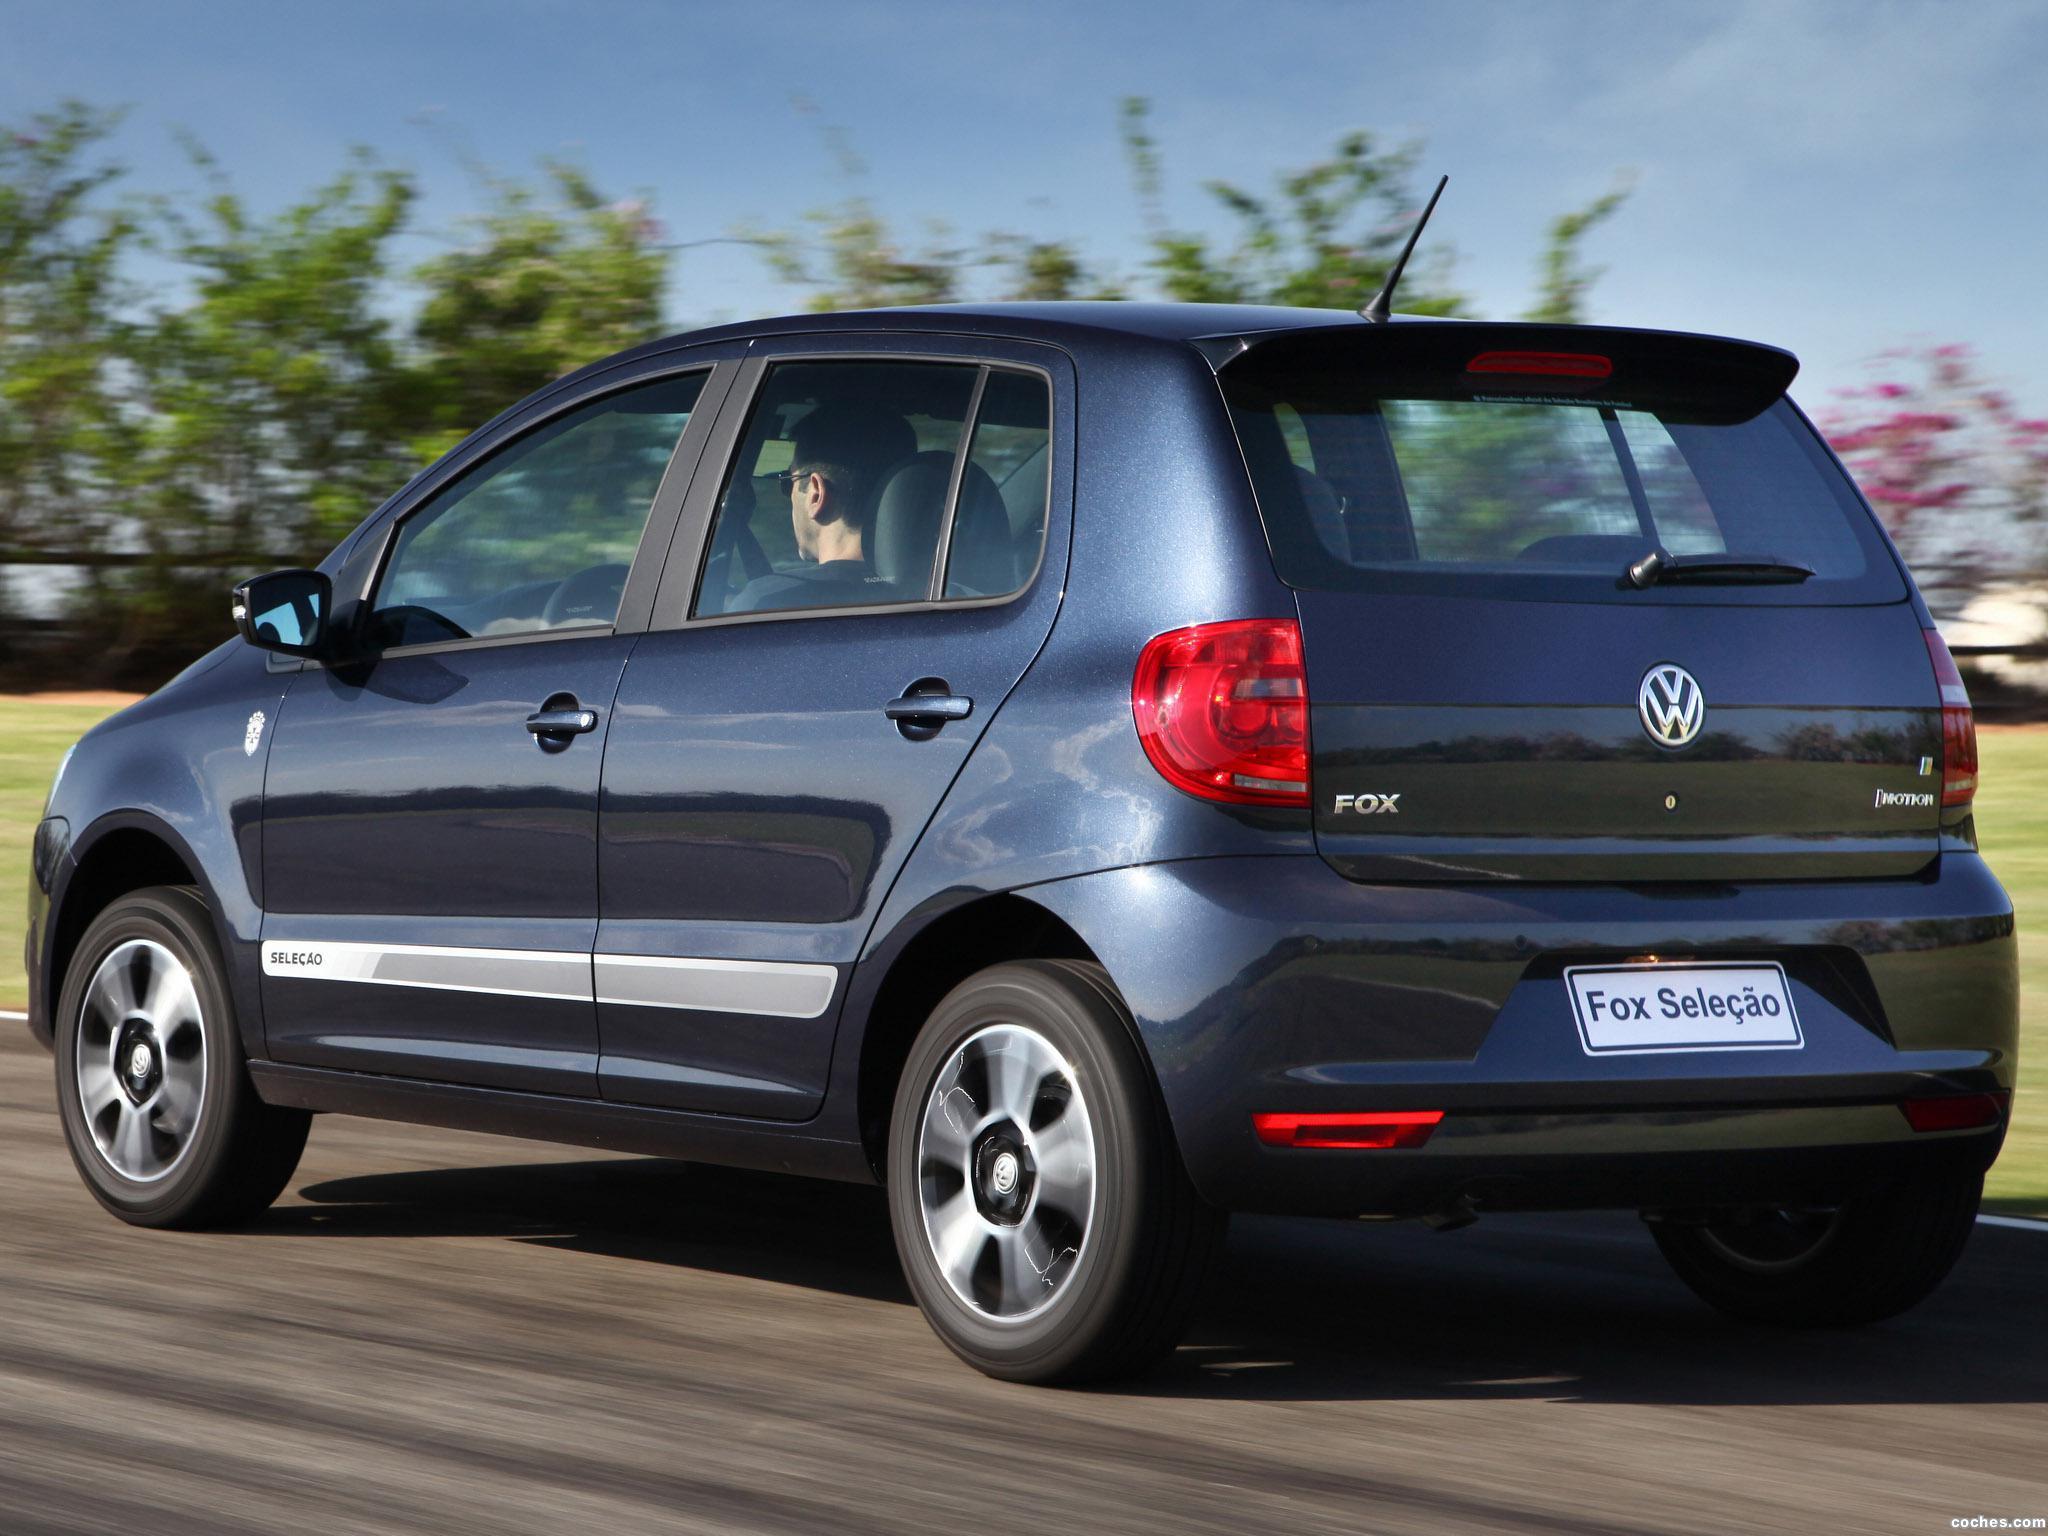 Foto 2 de Volkswagen Fox Selecao 2013